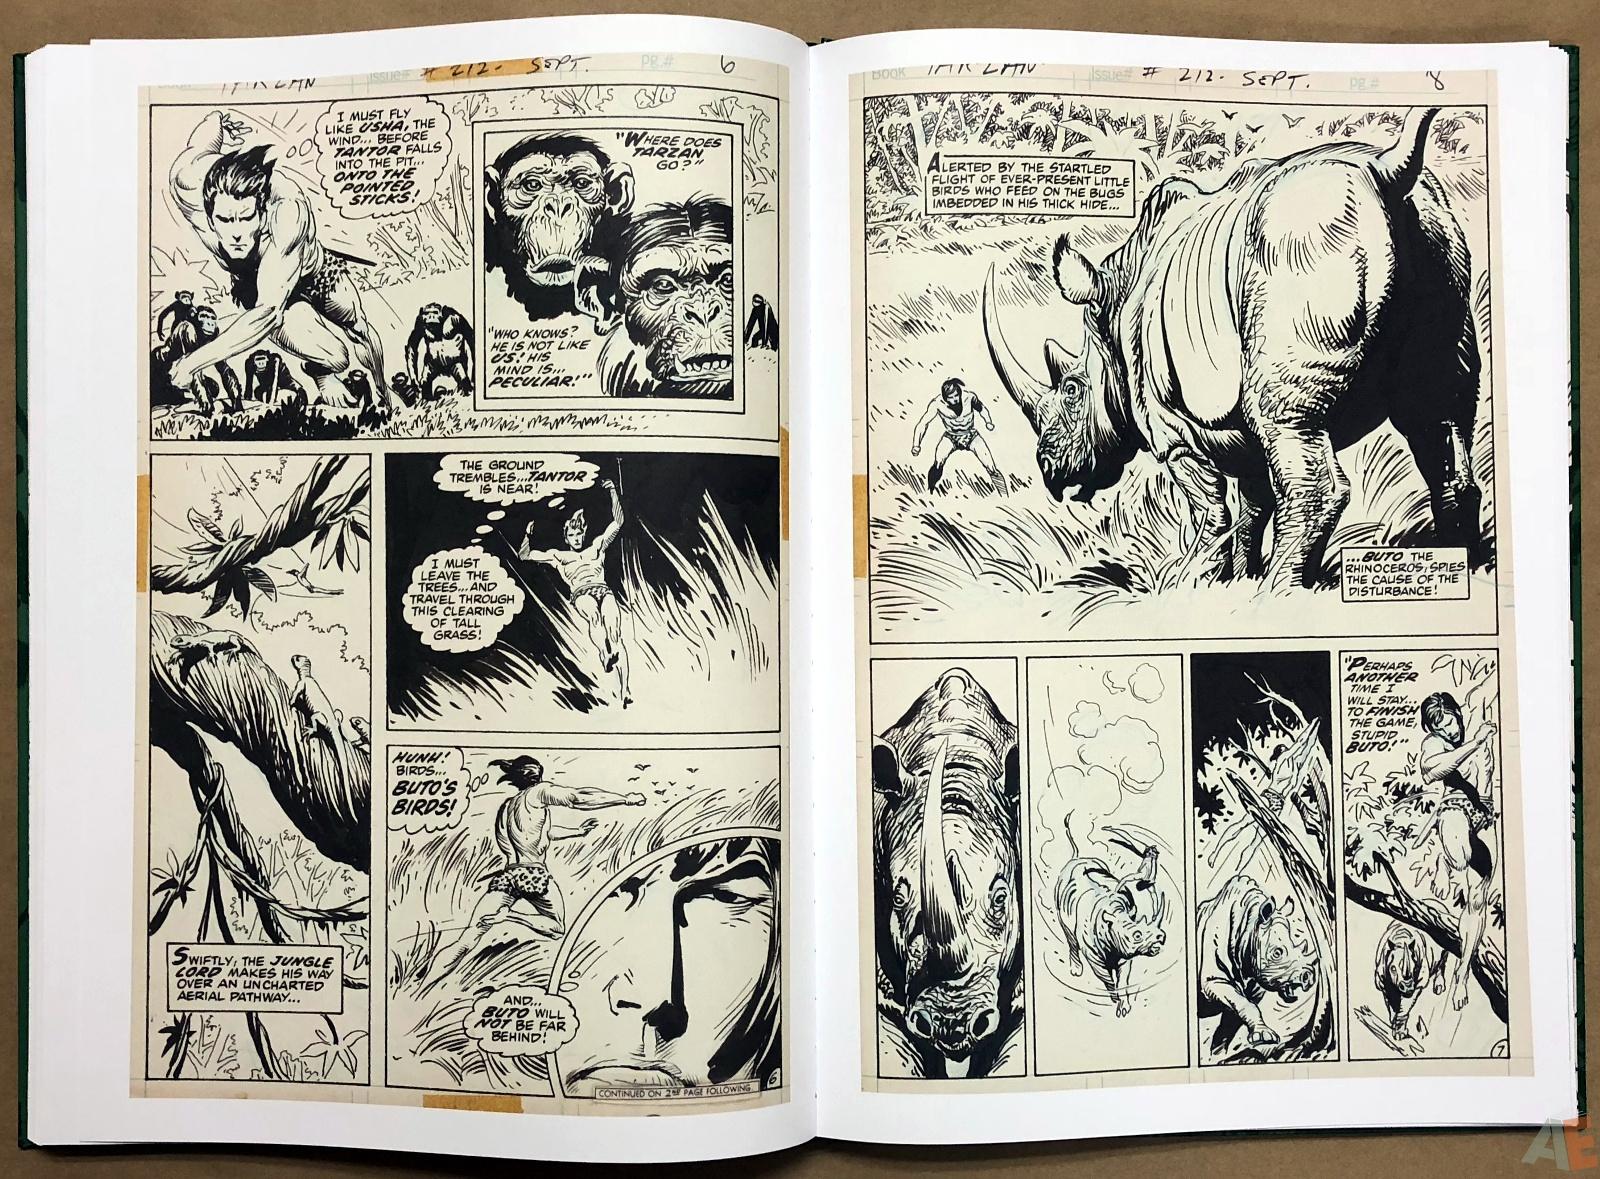 Joe Kubert's Tarzan of the Apes Artist's Edition 40